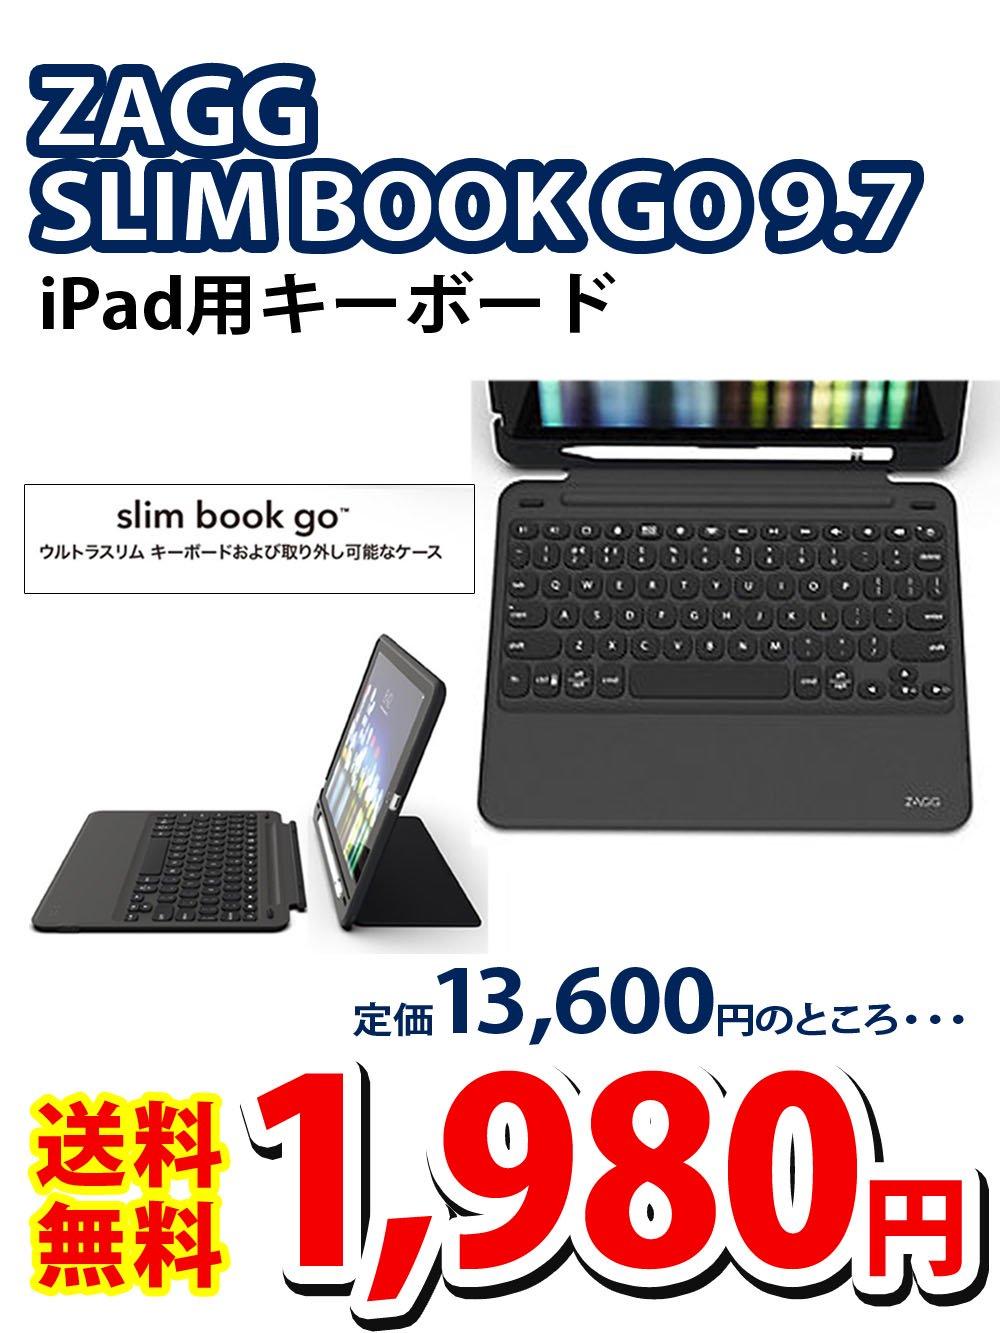 【送料無料】iPad用キーボード ZAGG SLIM BOOK GO 9.7【1980円】定価13600円